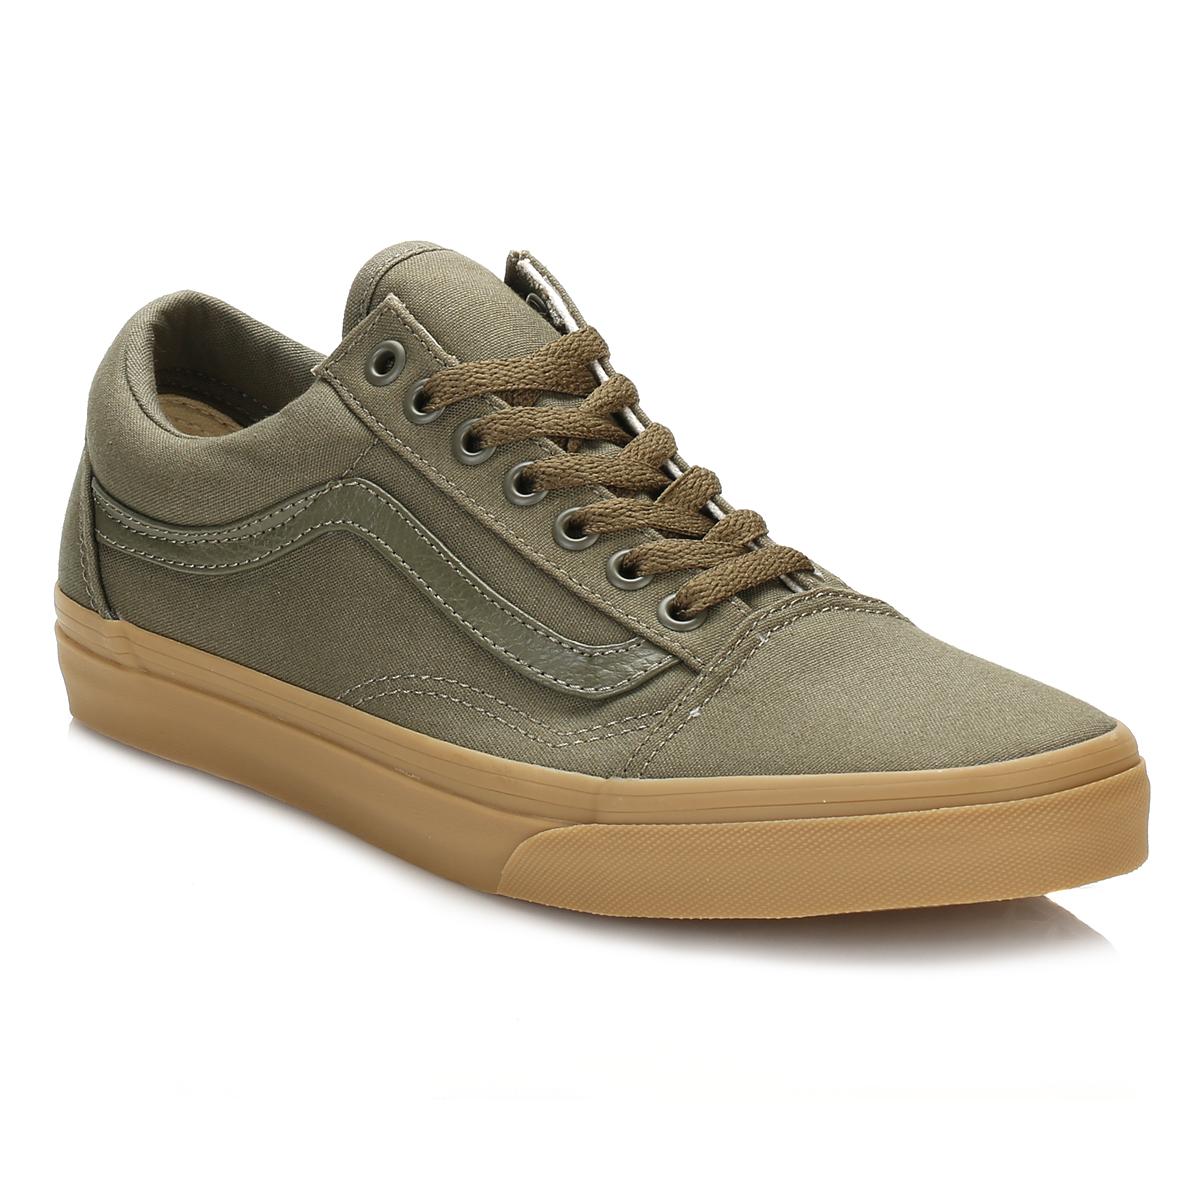 vans mens trainers ivy green light gum old skool lace up. Black Bedroom Furniture Sets. Home Design Ideas